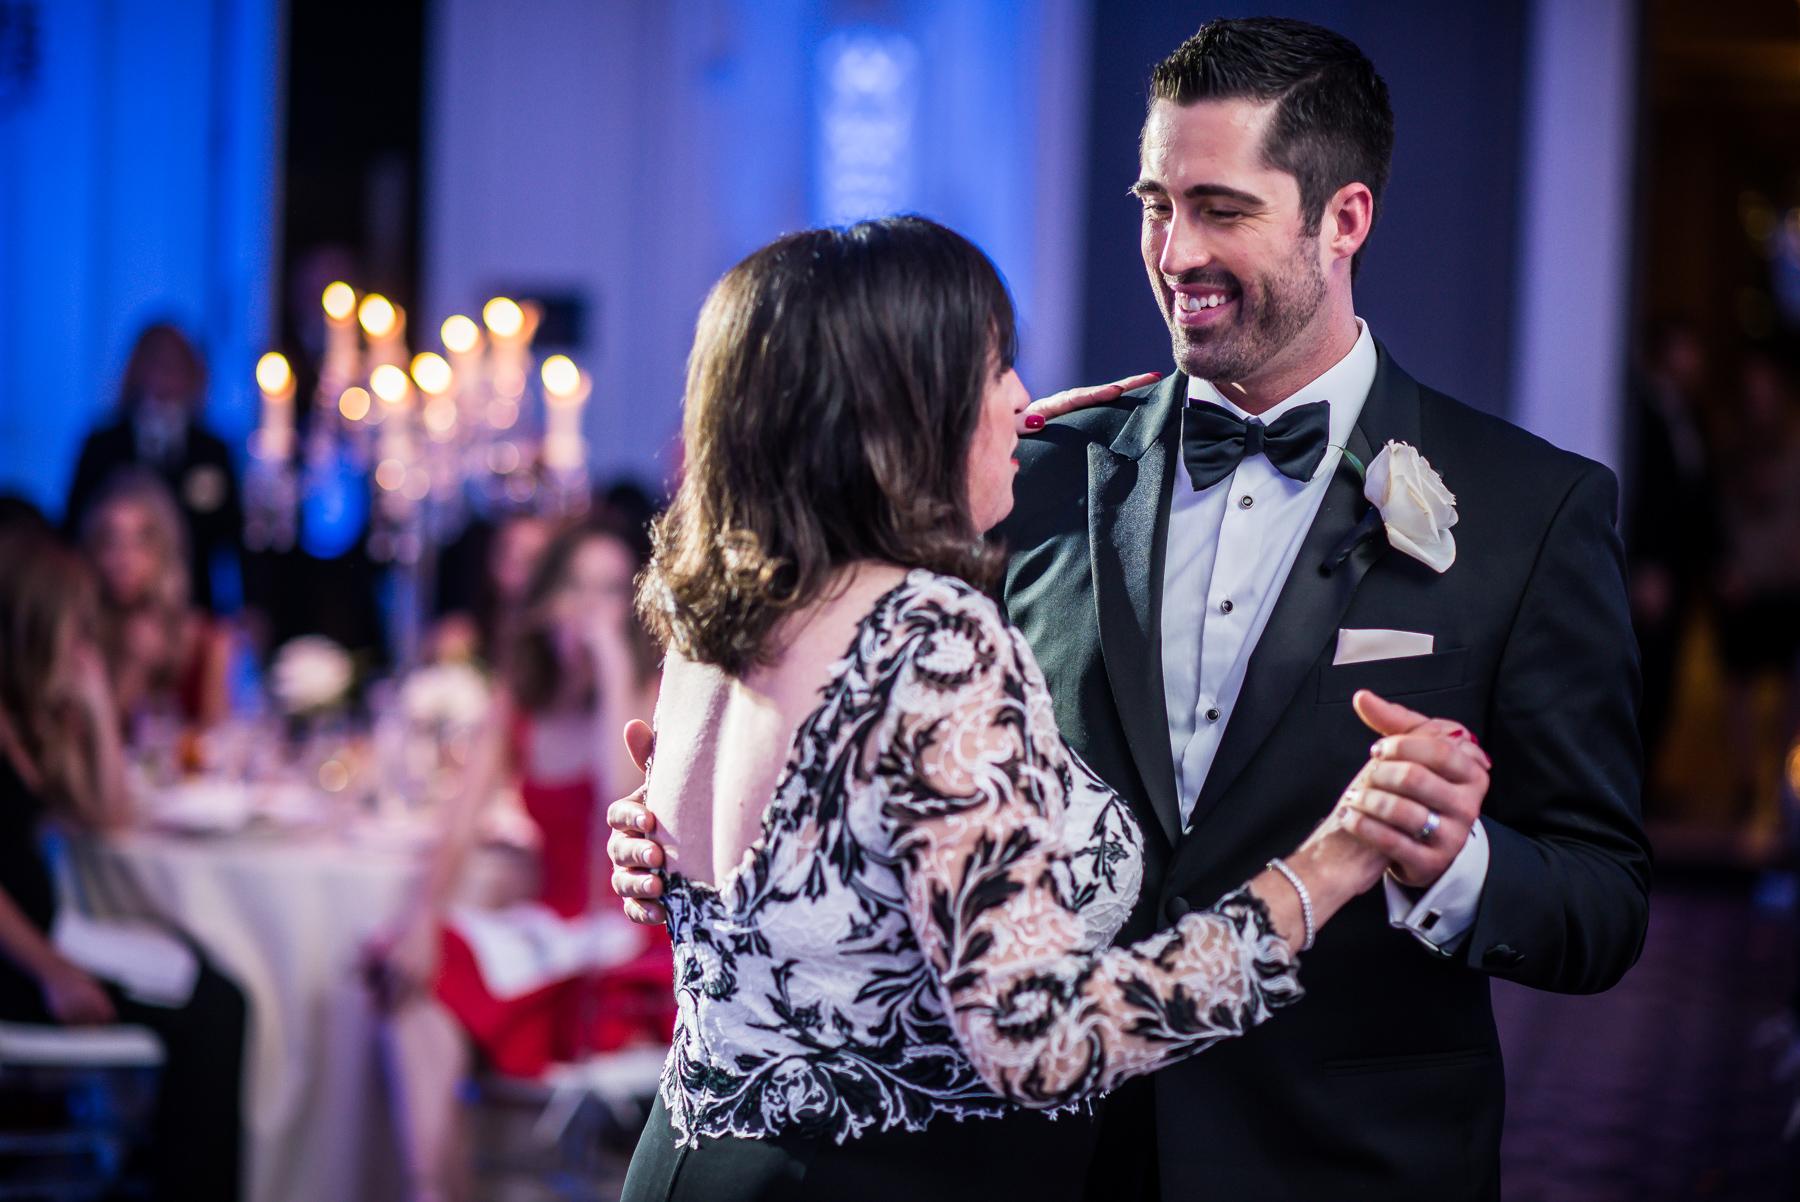 Kelsey and Mike Hyatt at the Bellevue Philadelphia Wedding-89.jpg